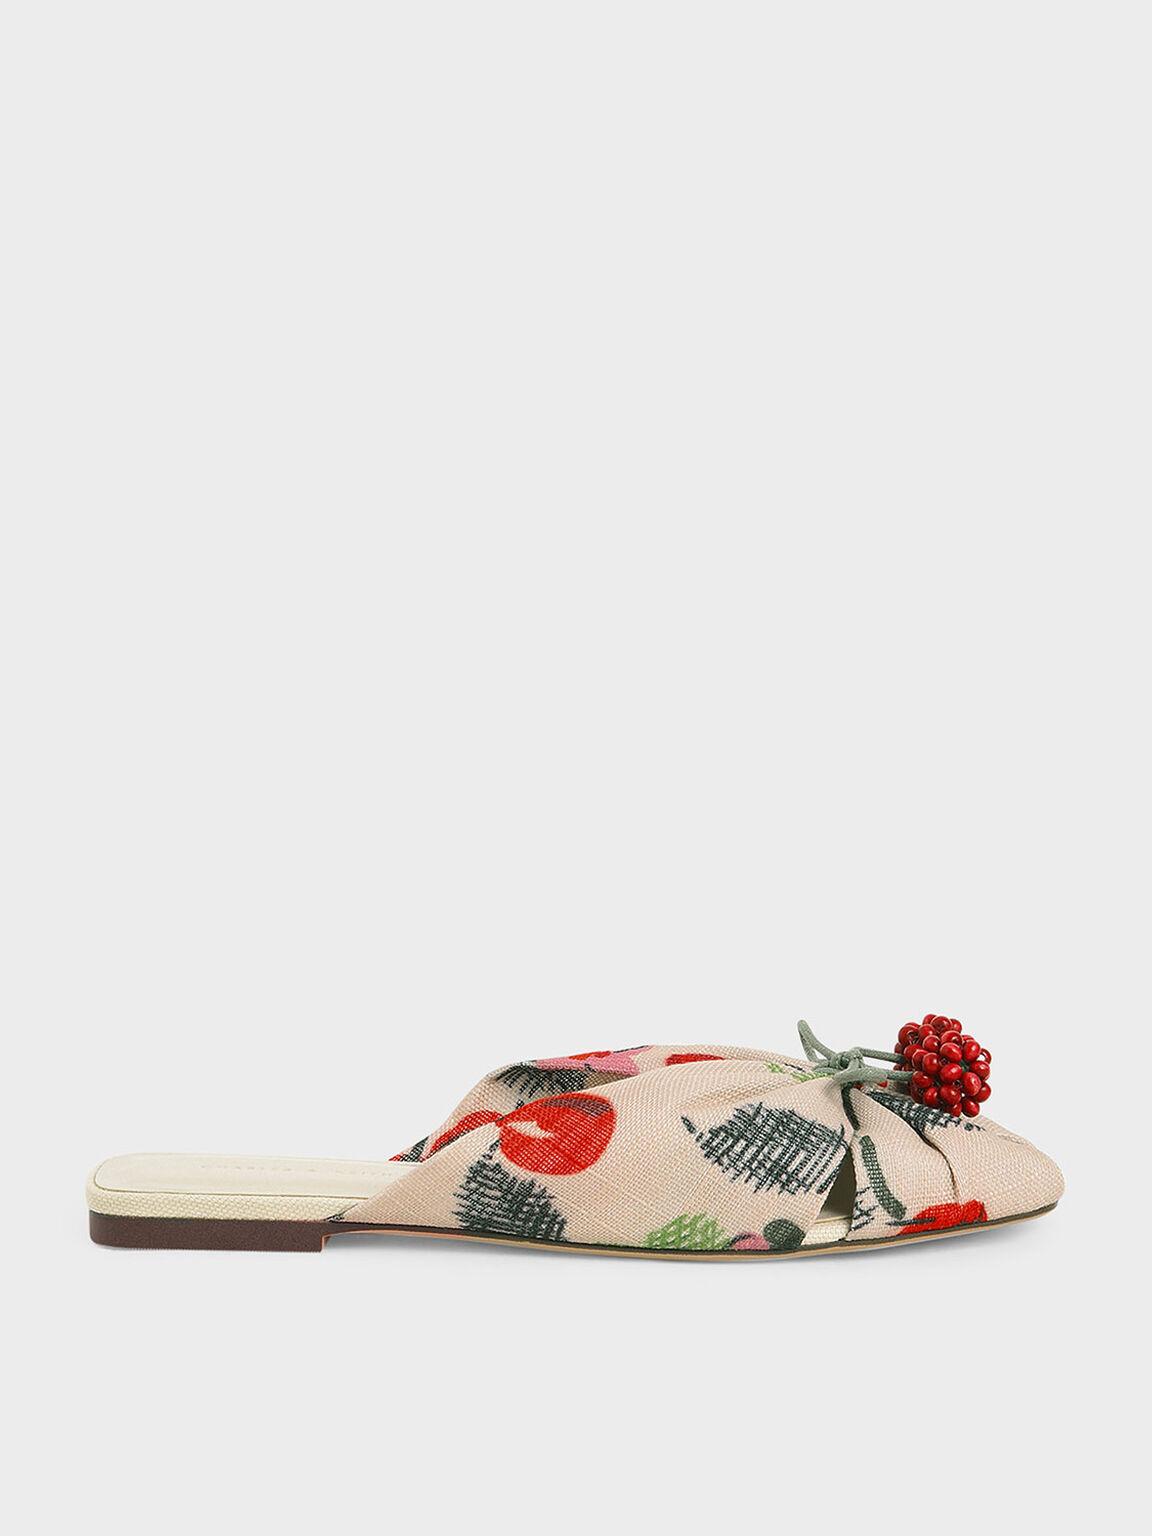 Cherry Embellished Peep-Toe Slide Sandals, Multi, hi-res